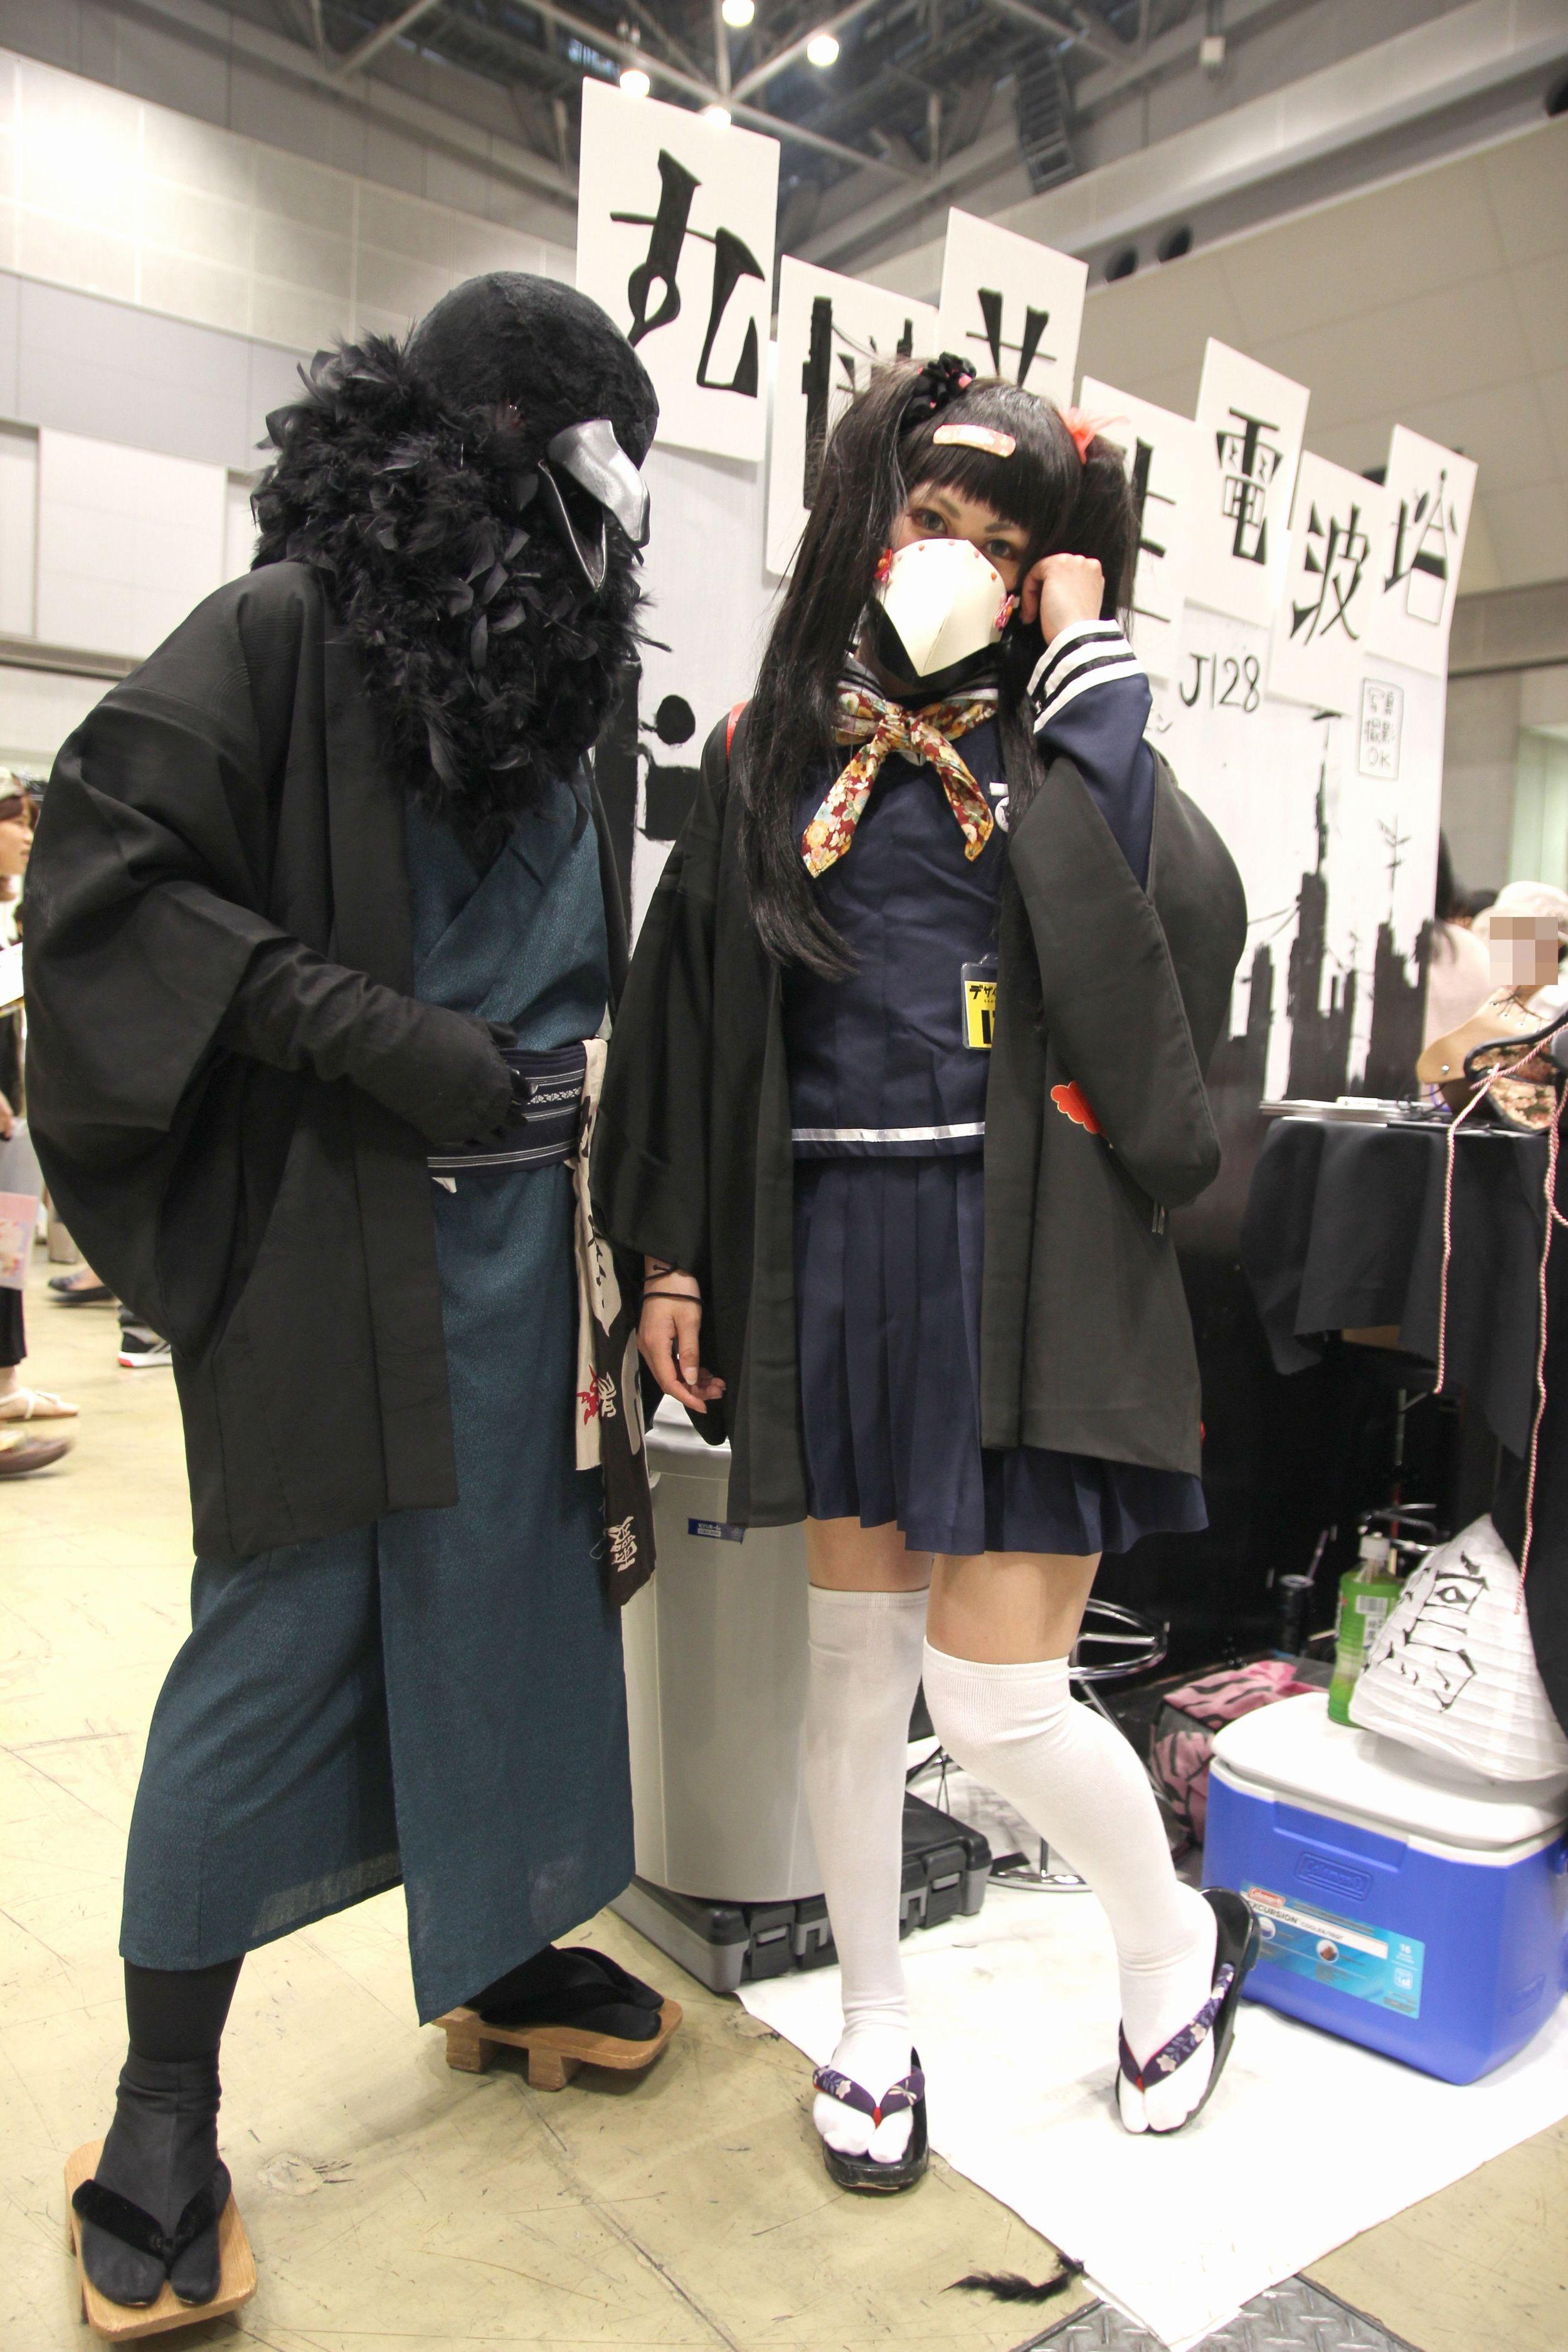 デザインフェスタvol.41@有明東京ビッグサイト<その1>~マスク・仮面の世界~ペストマスク・ガスマスク・カラスマスク・プロレスマスク・狐面~